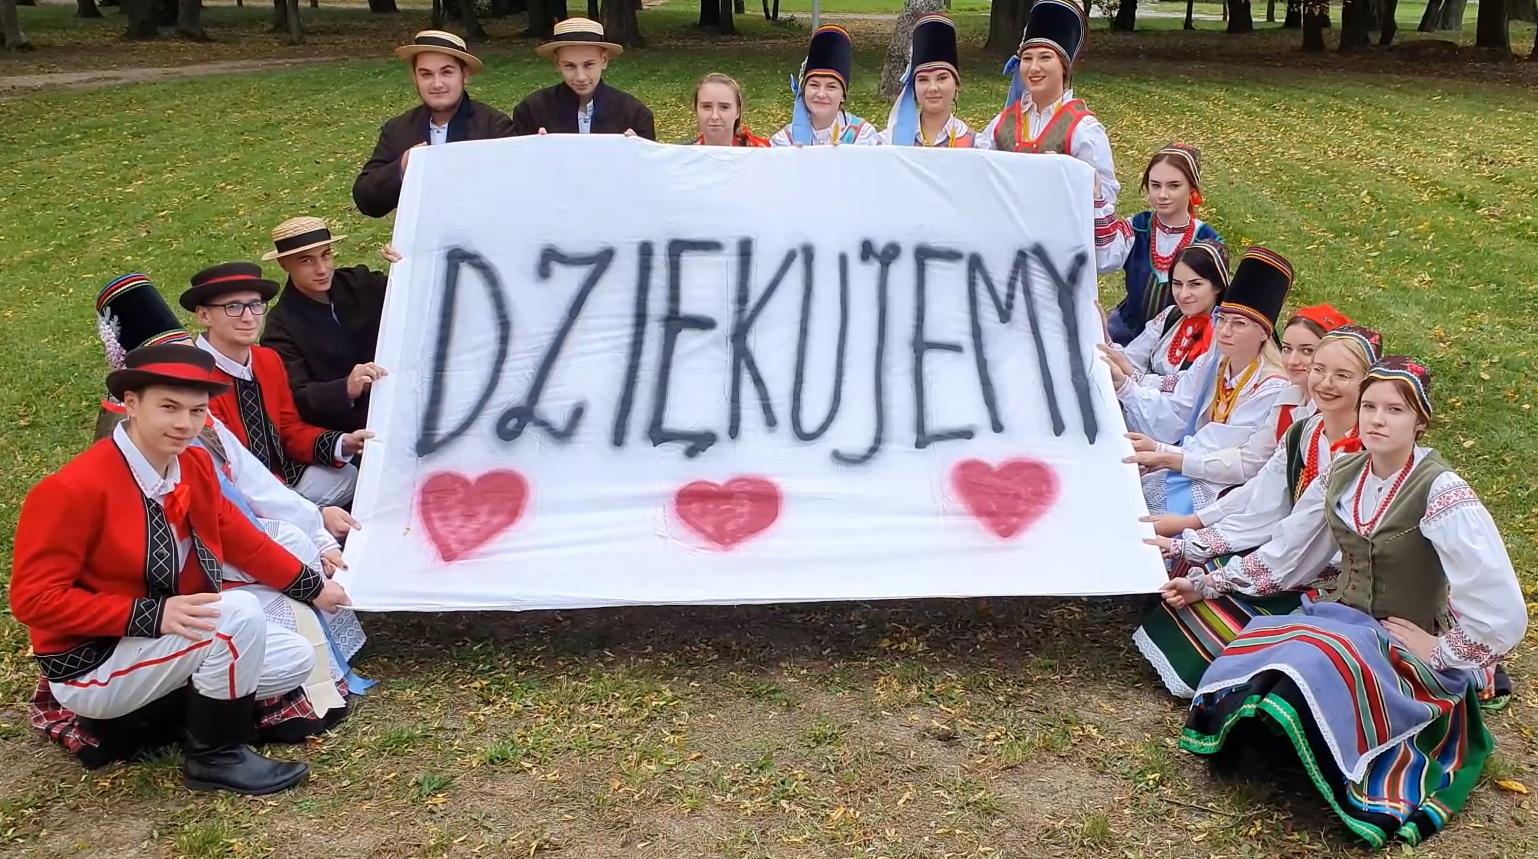 Życzenia uczniów Zespołu Szkół w Niećkowie z okazji Dnia Edukacji Narodowej